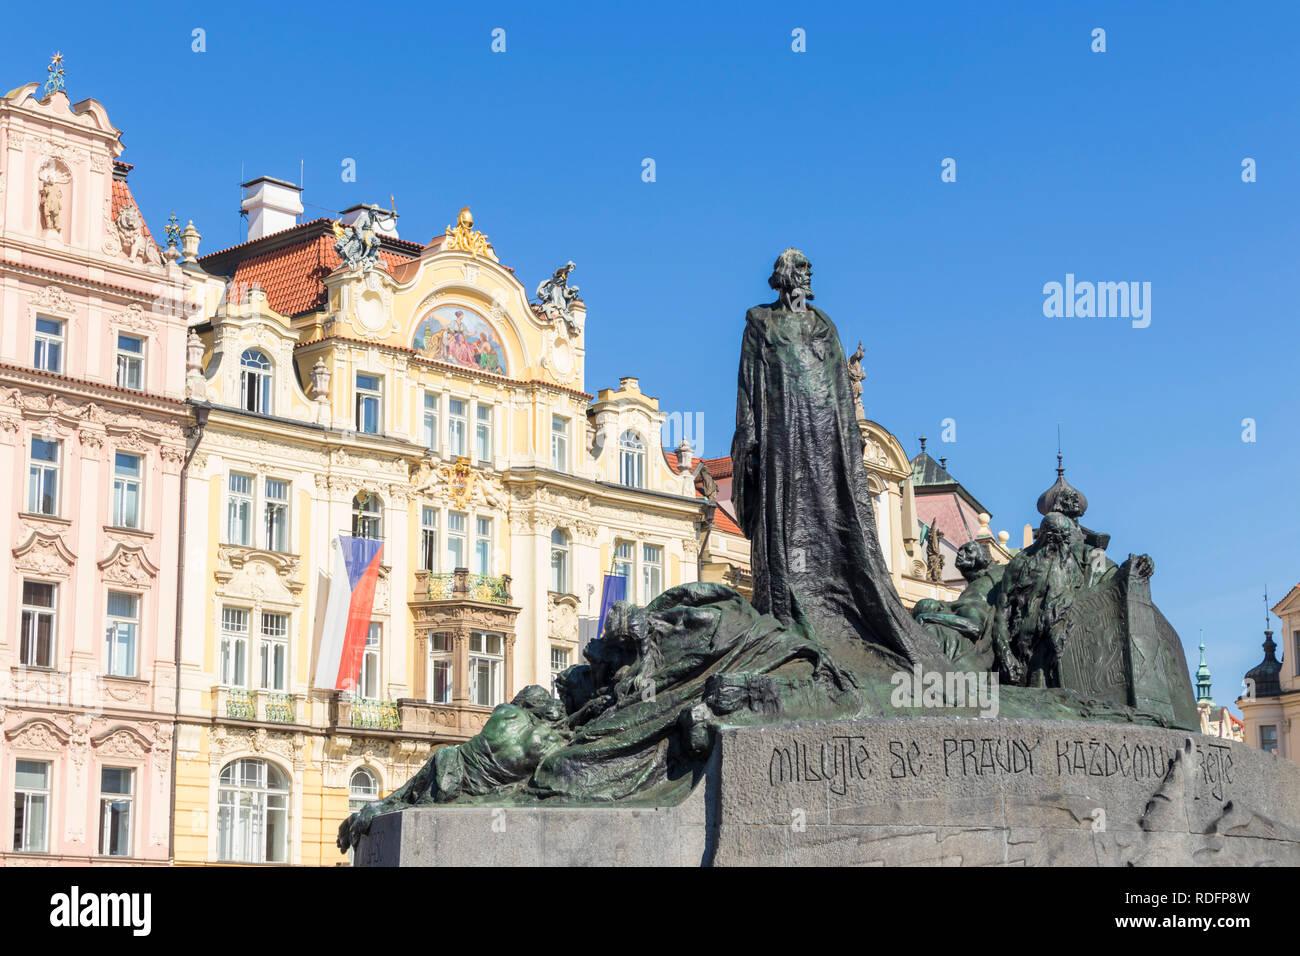 Prague the Jan Hus memorial by Ladislav Šaloun monument in the Old town square Staroměstské náměstí Prague Czech Republic Europe - Stock Image